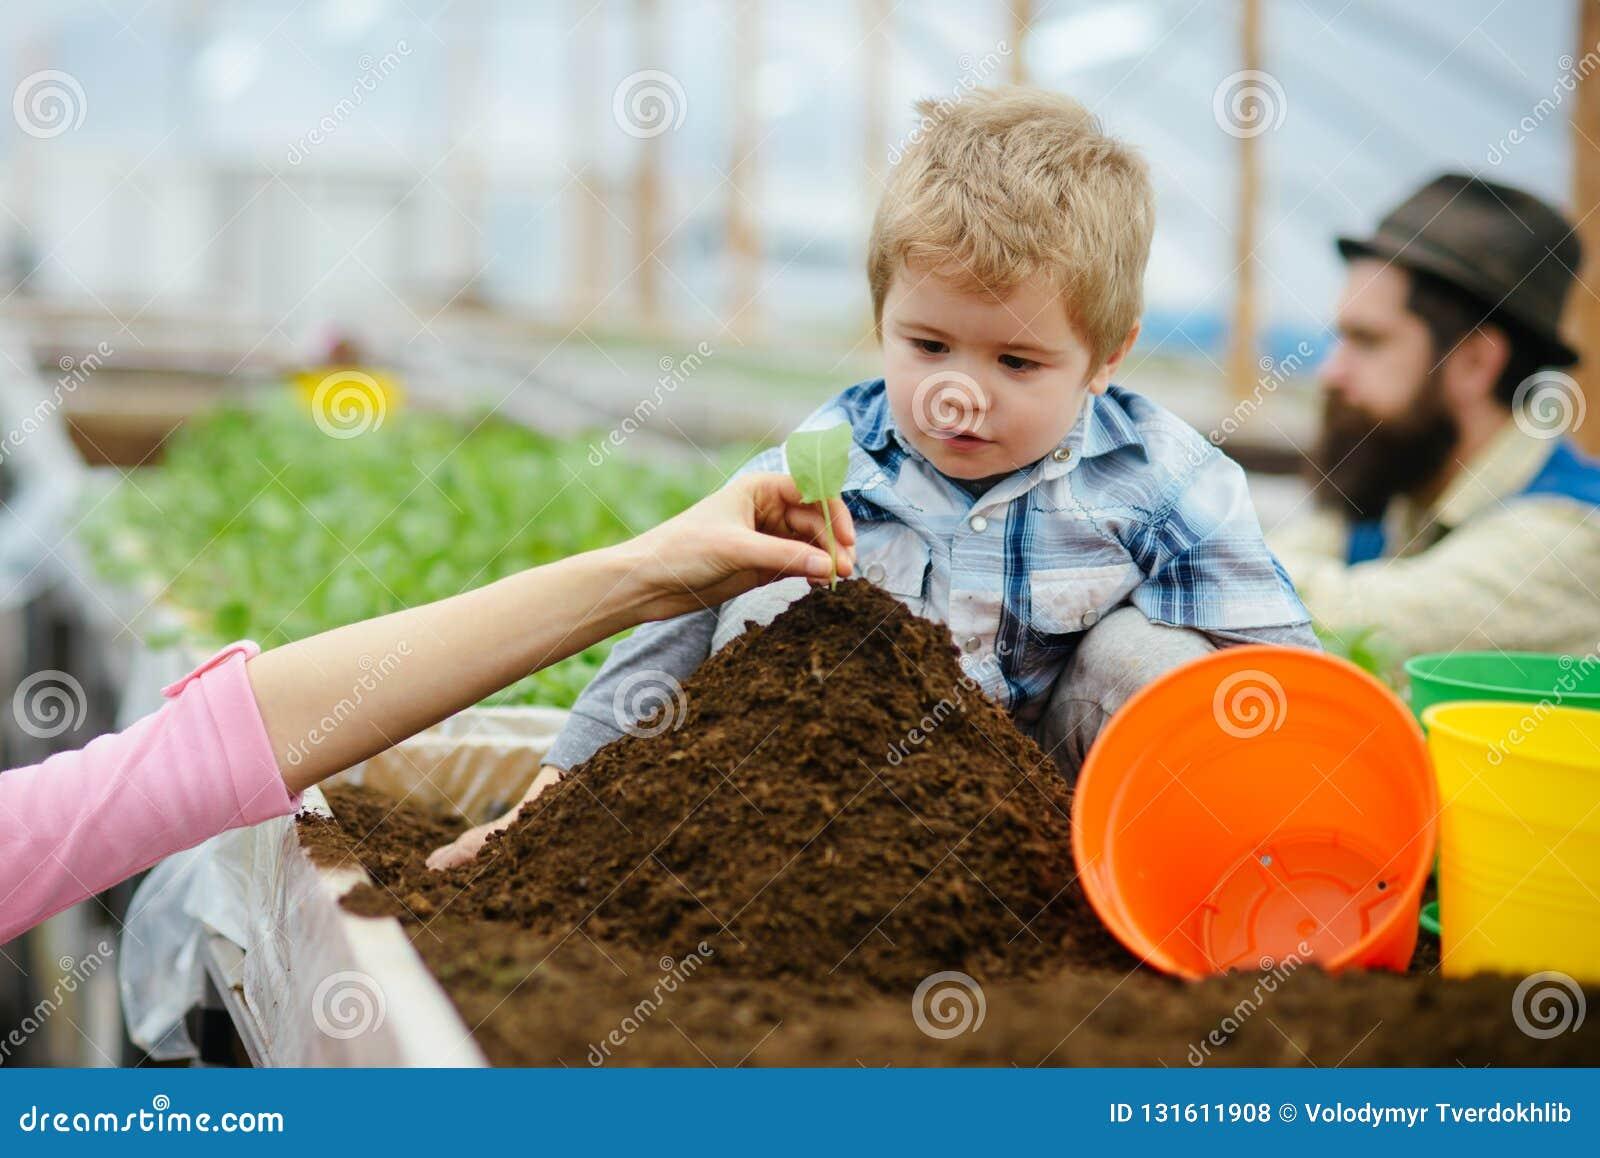 家庭价值观 家庭自温室 愉快的家庭价值观 家庭价值观概念 价值和信任